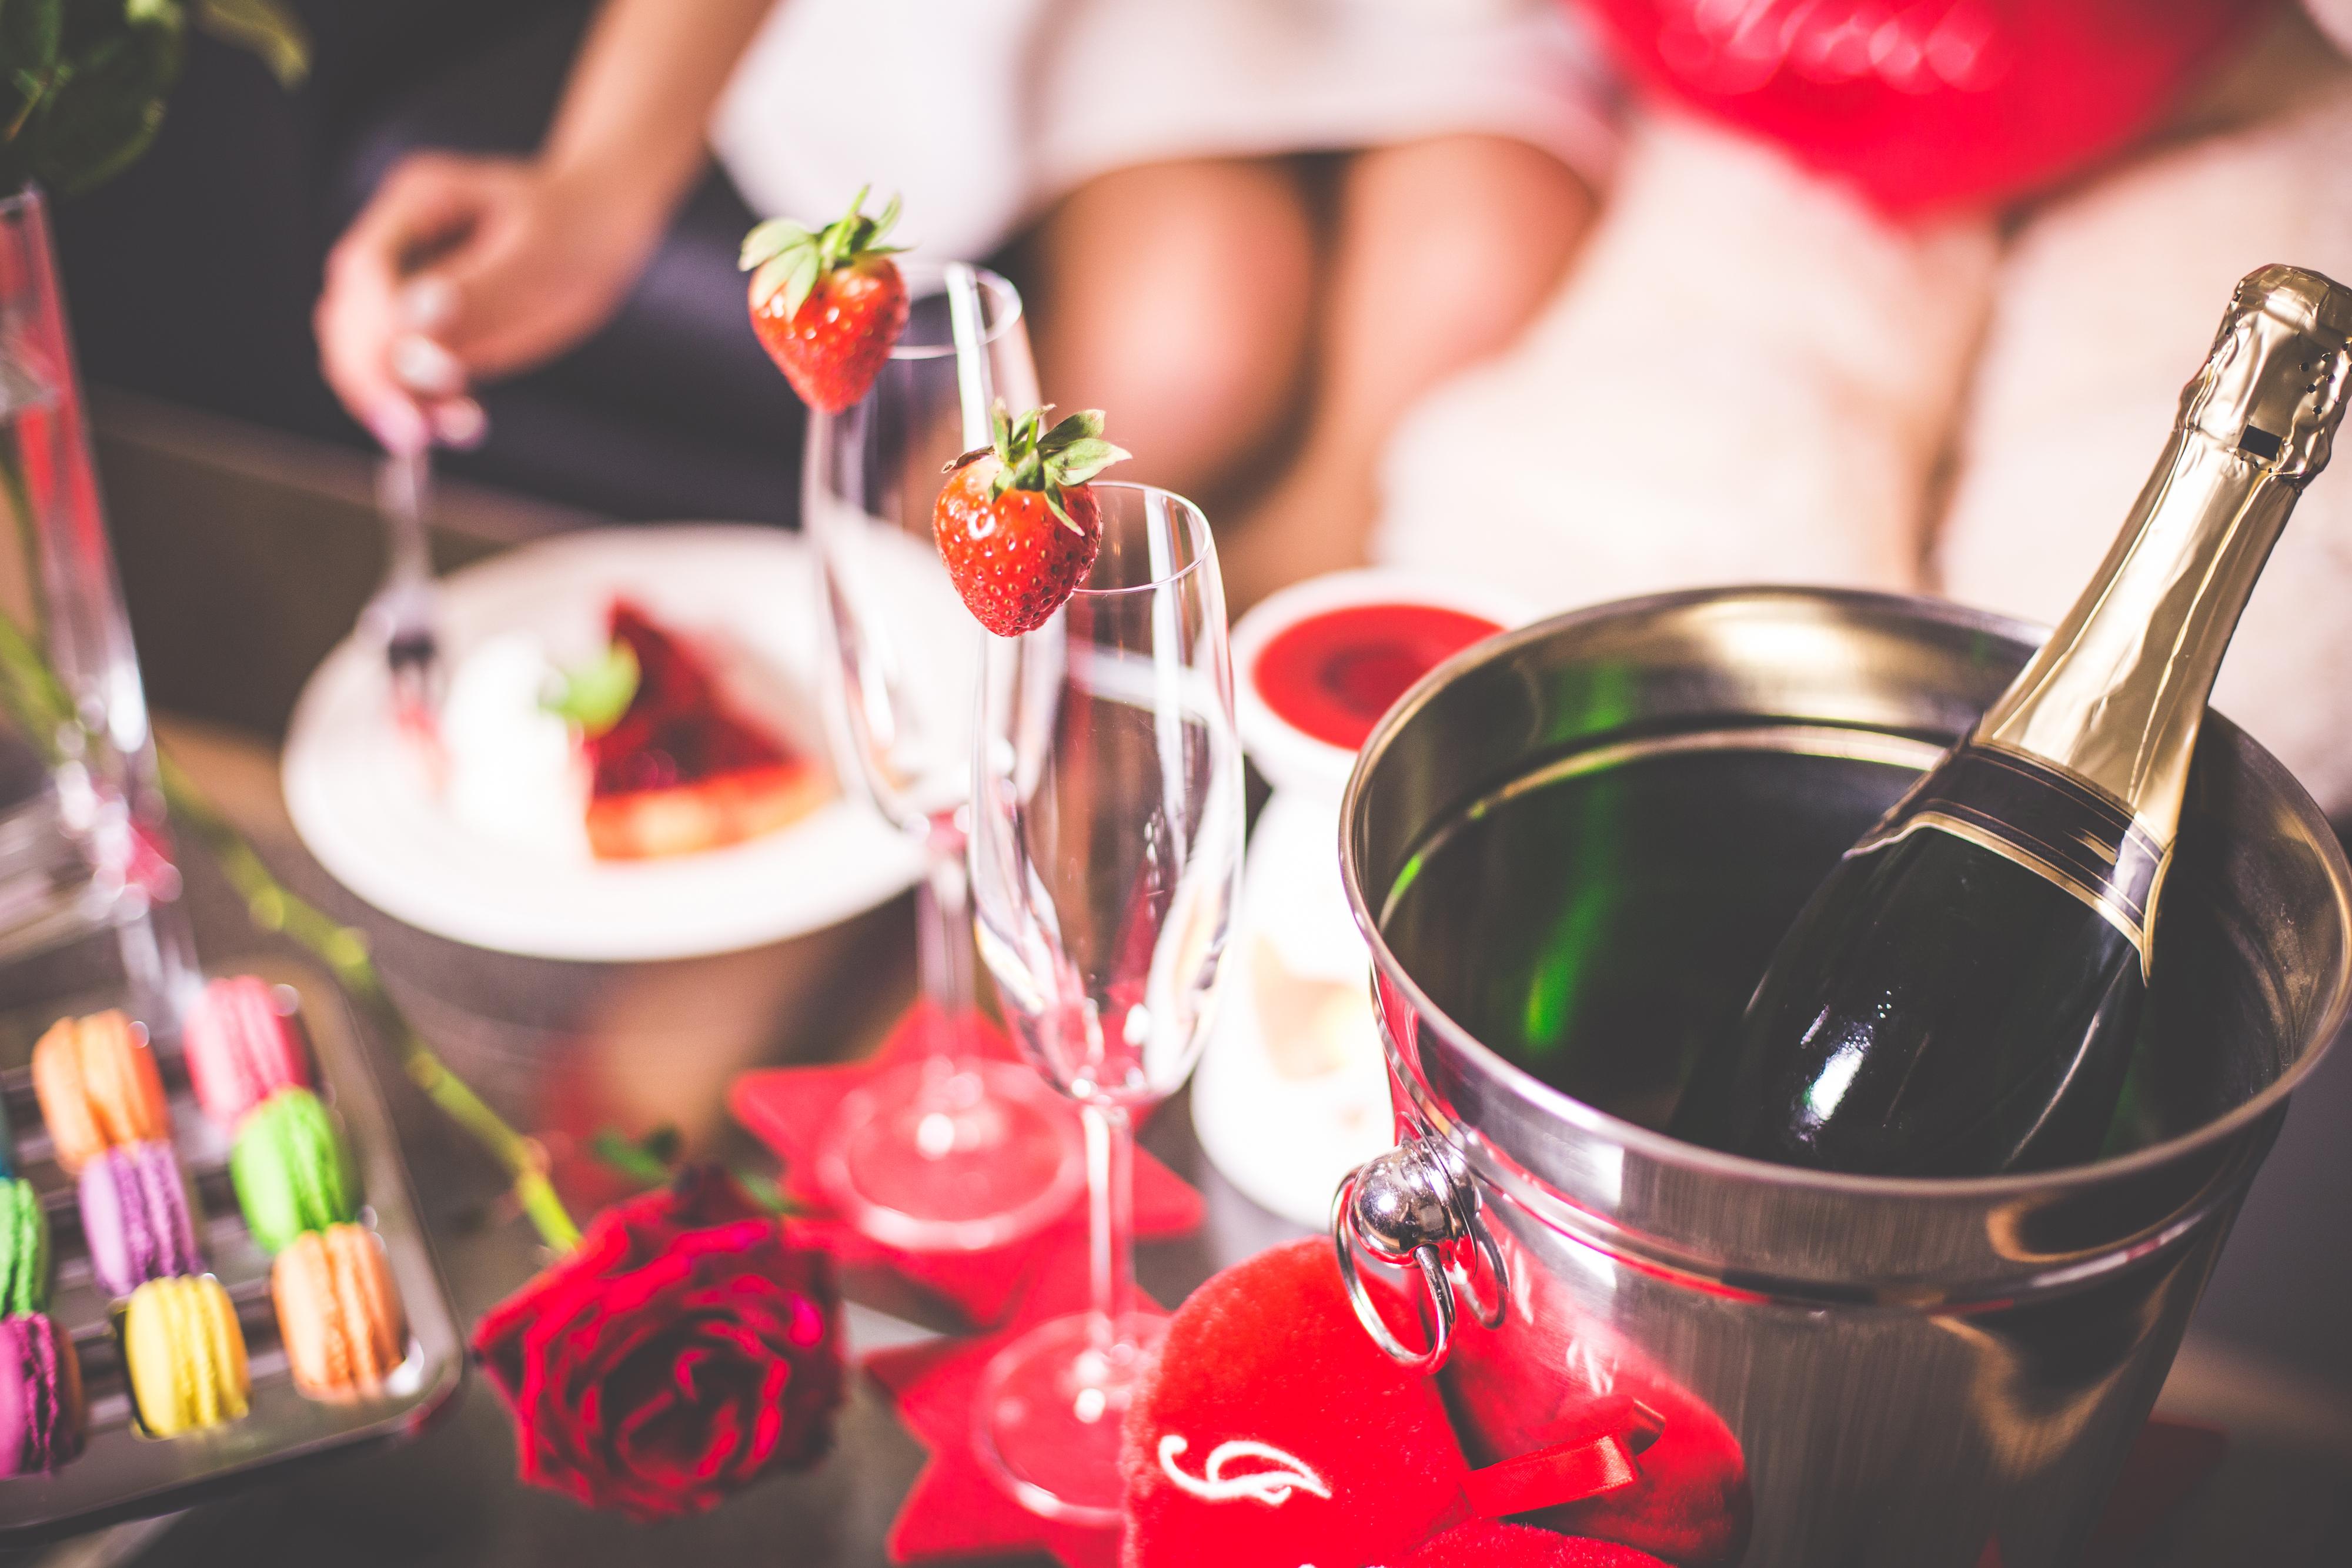 Lifestyle | 7 tips hoe je een vrouw kunt verrassen met Valentijnsdag!